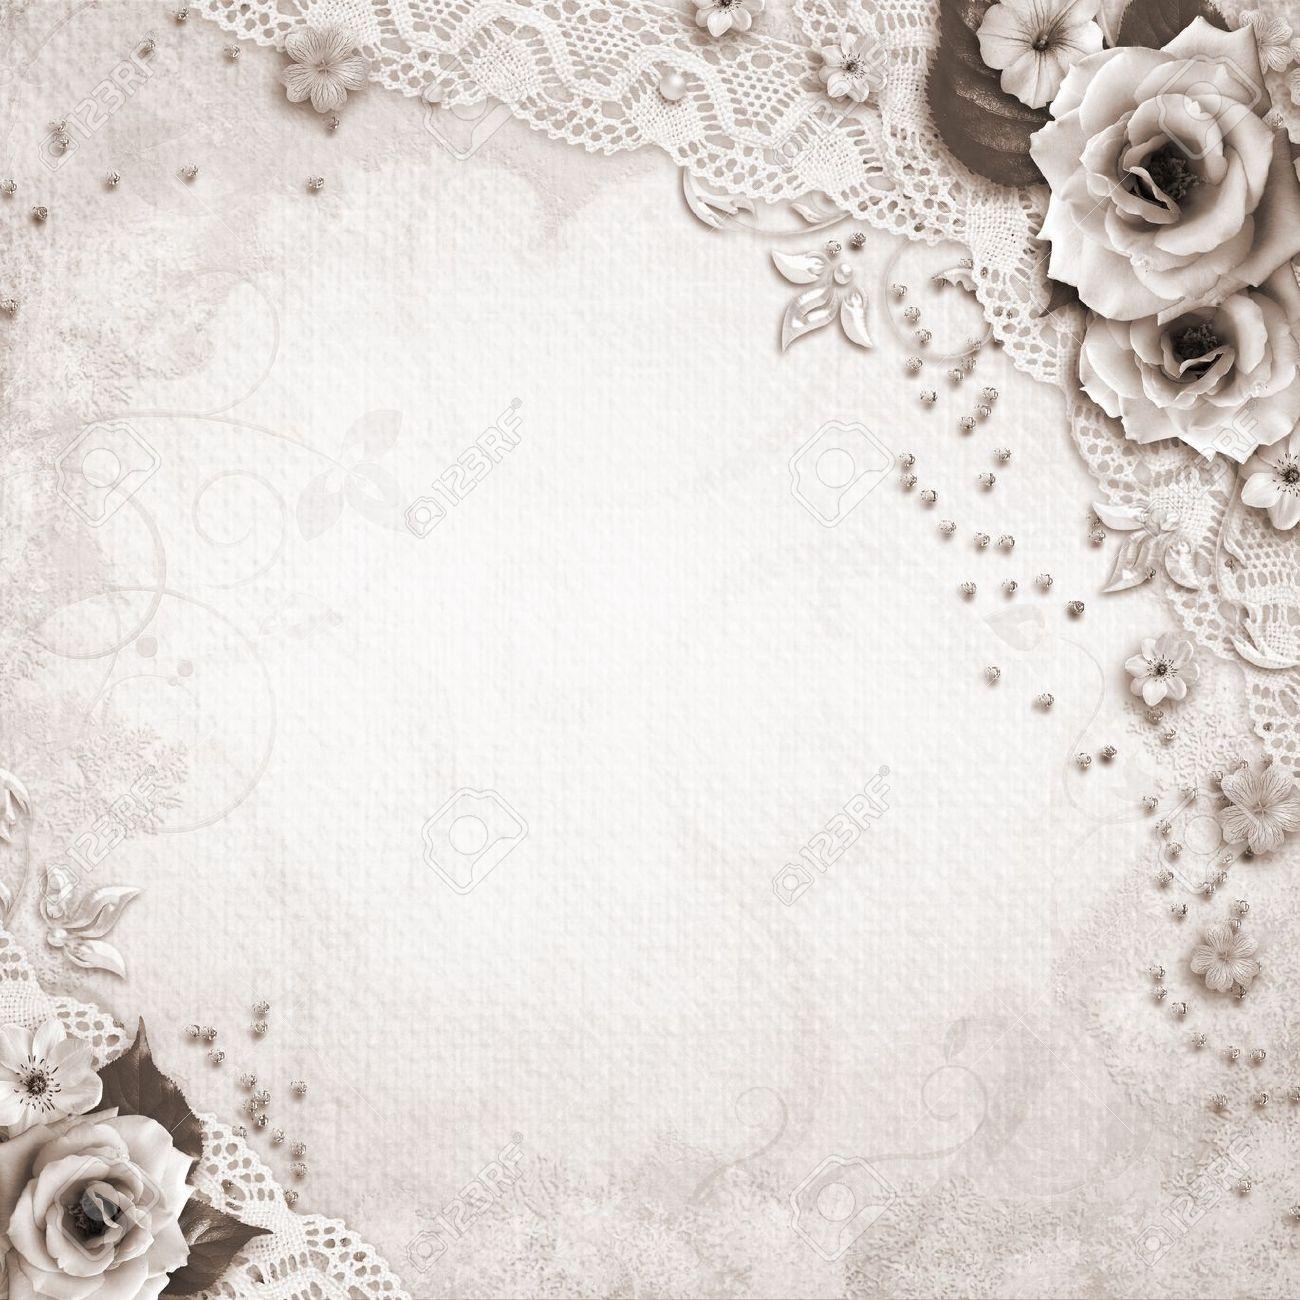 Elegance wedding background Stock Photo - 14119546